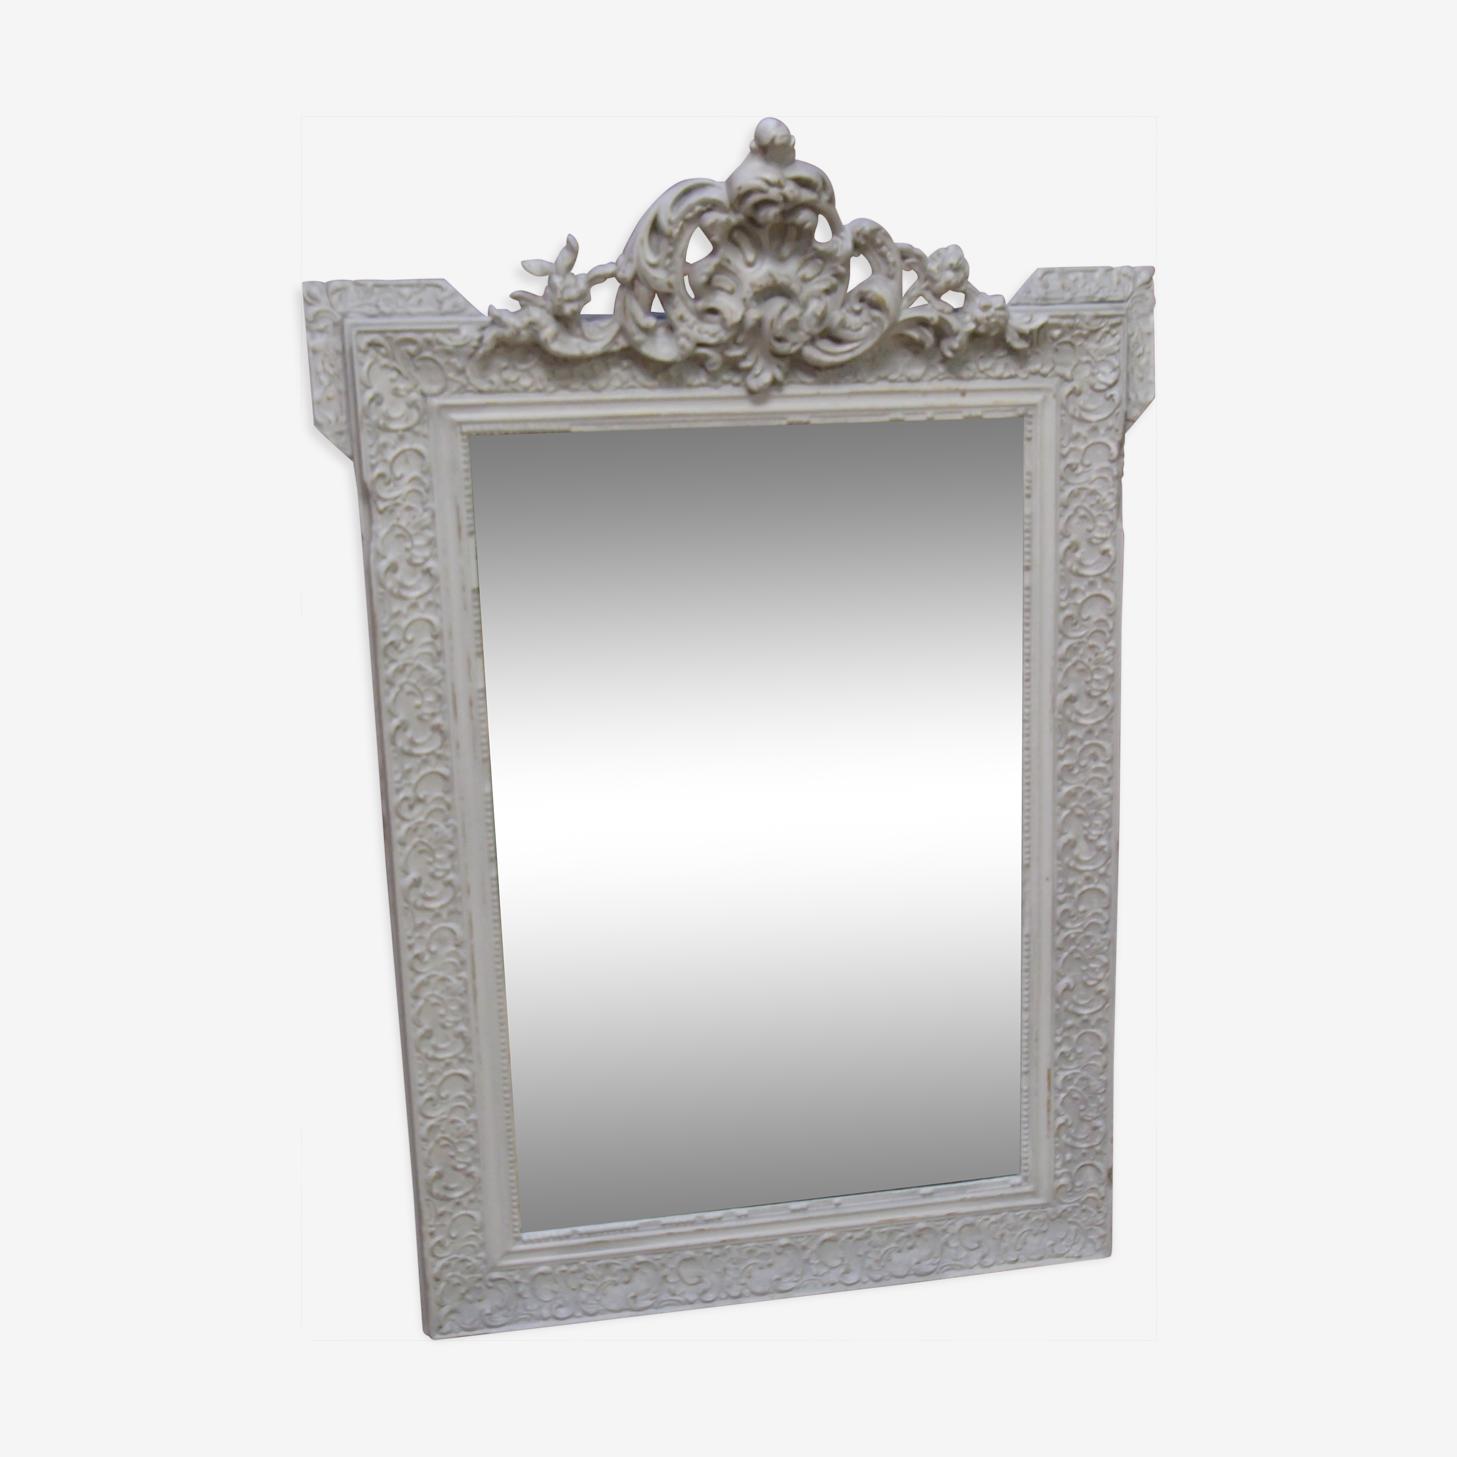 Miroir ancien style régence 84x120cm